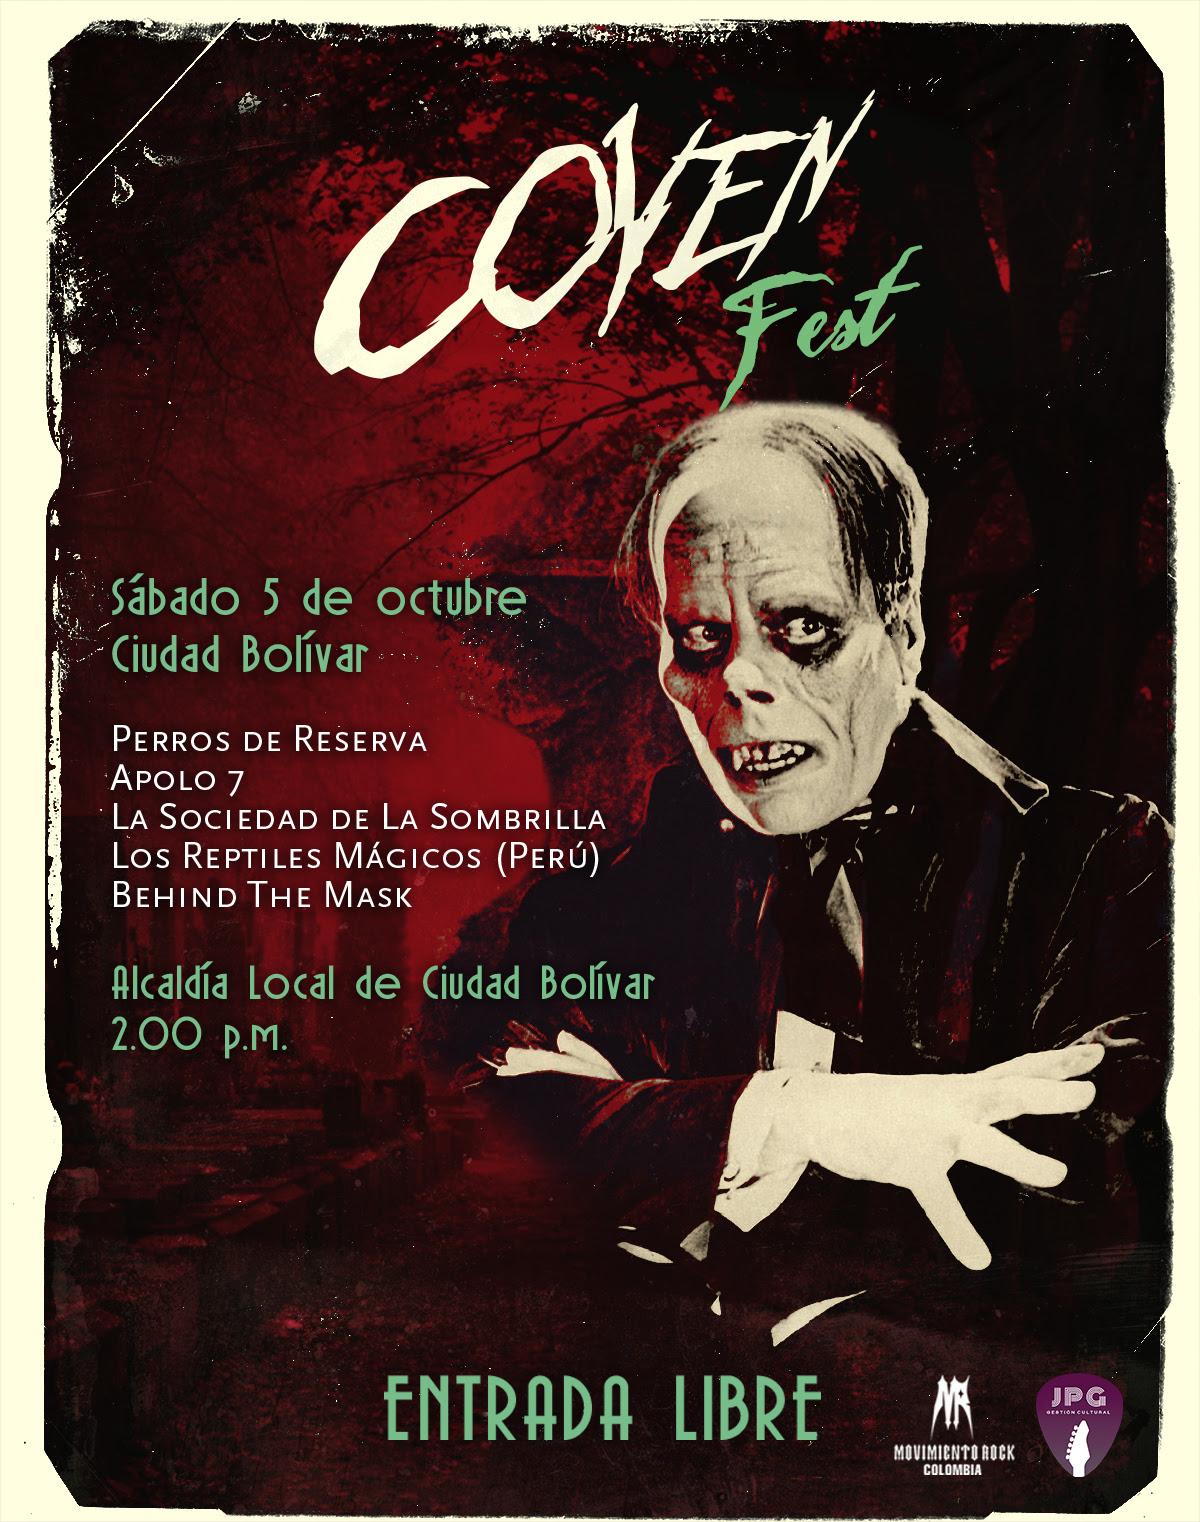 Halloween inicia temprano en Bogotá con el COVEN FEST de PERROS DE RESERVA